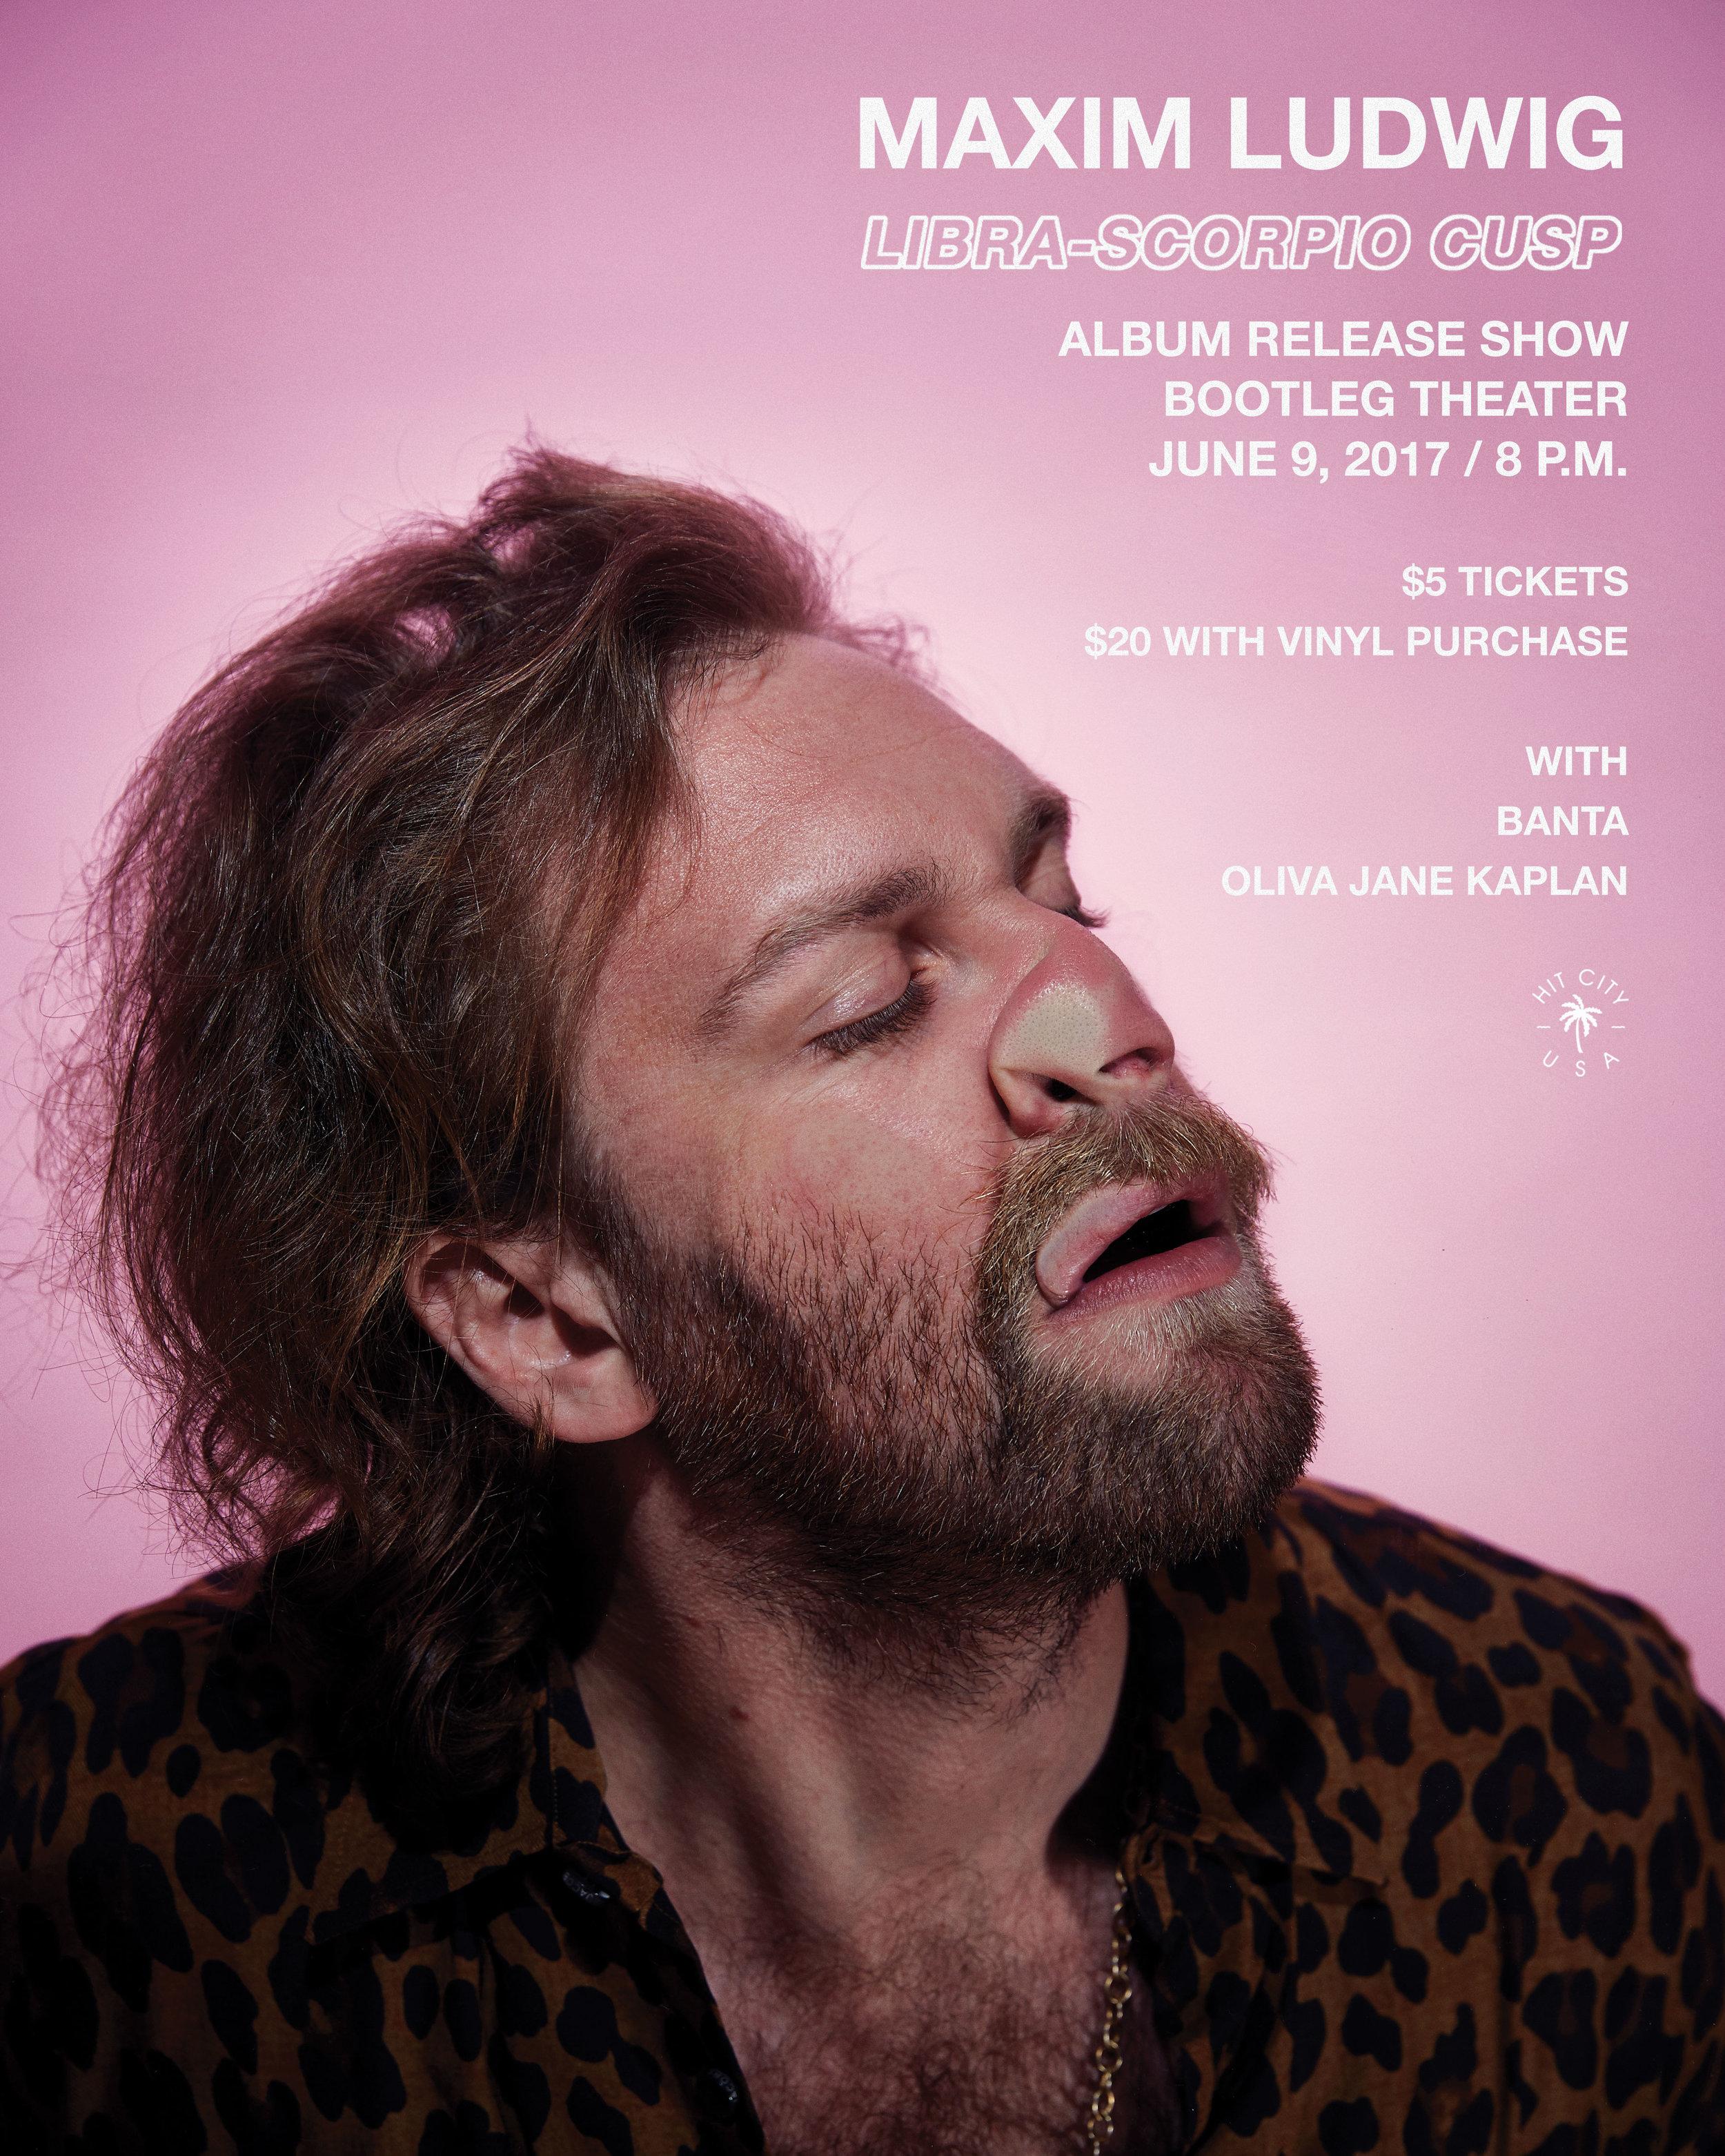 Maxim Ludwig  Libra-Scorpio Cusp  Album Release Show